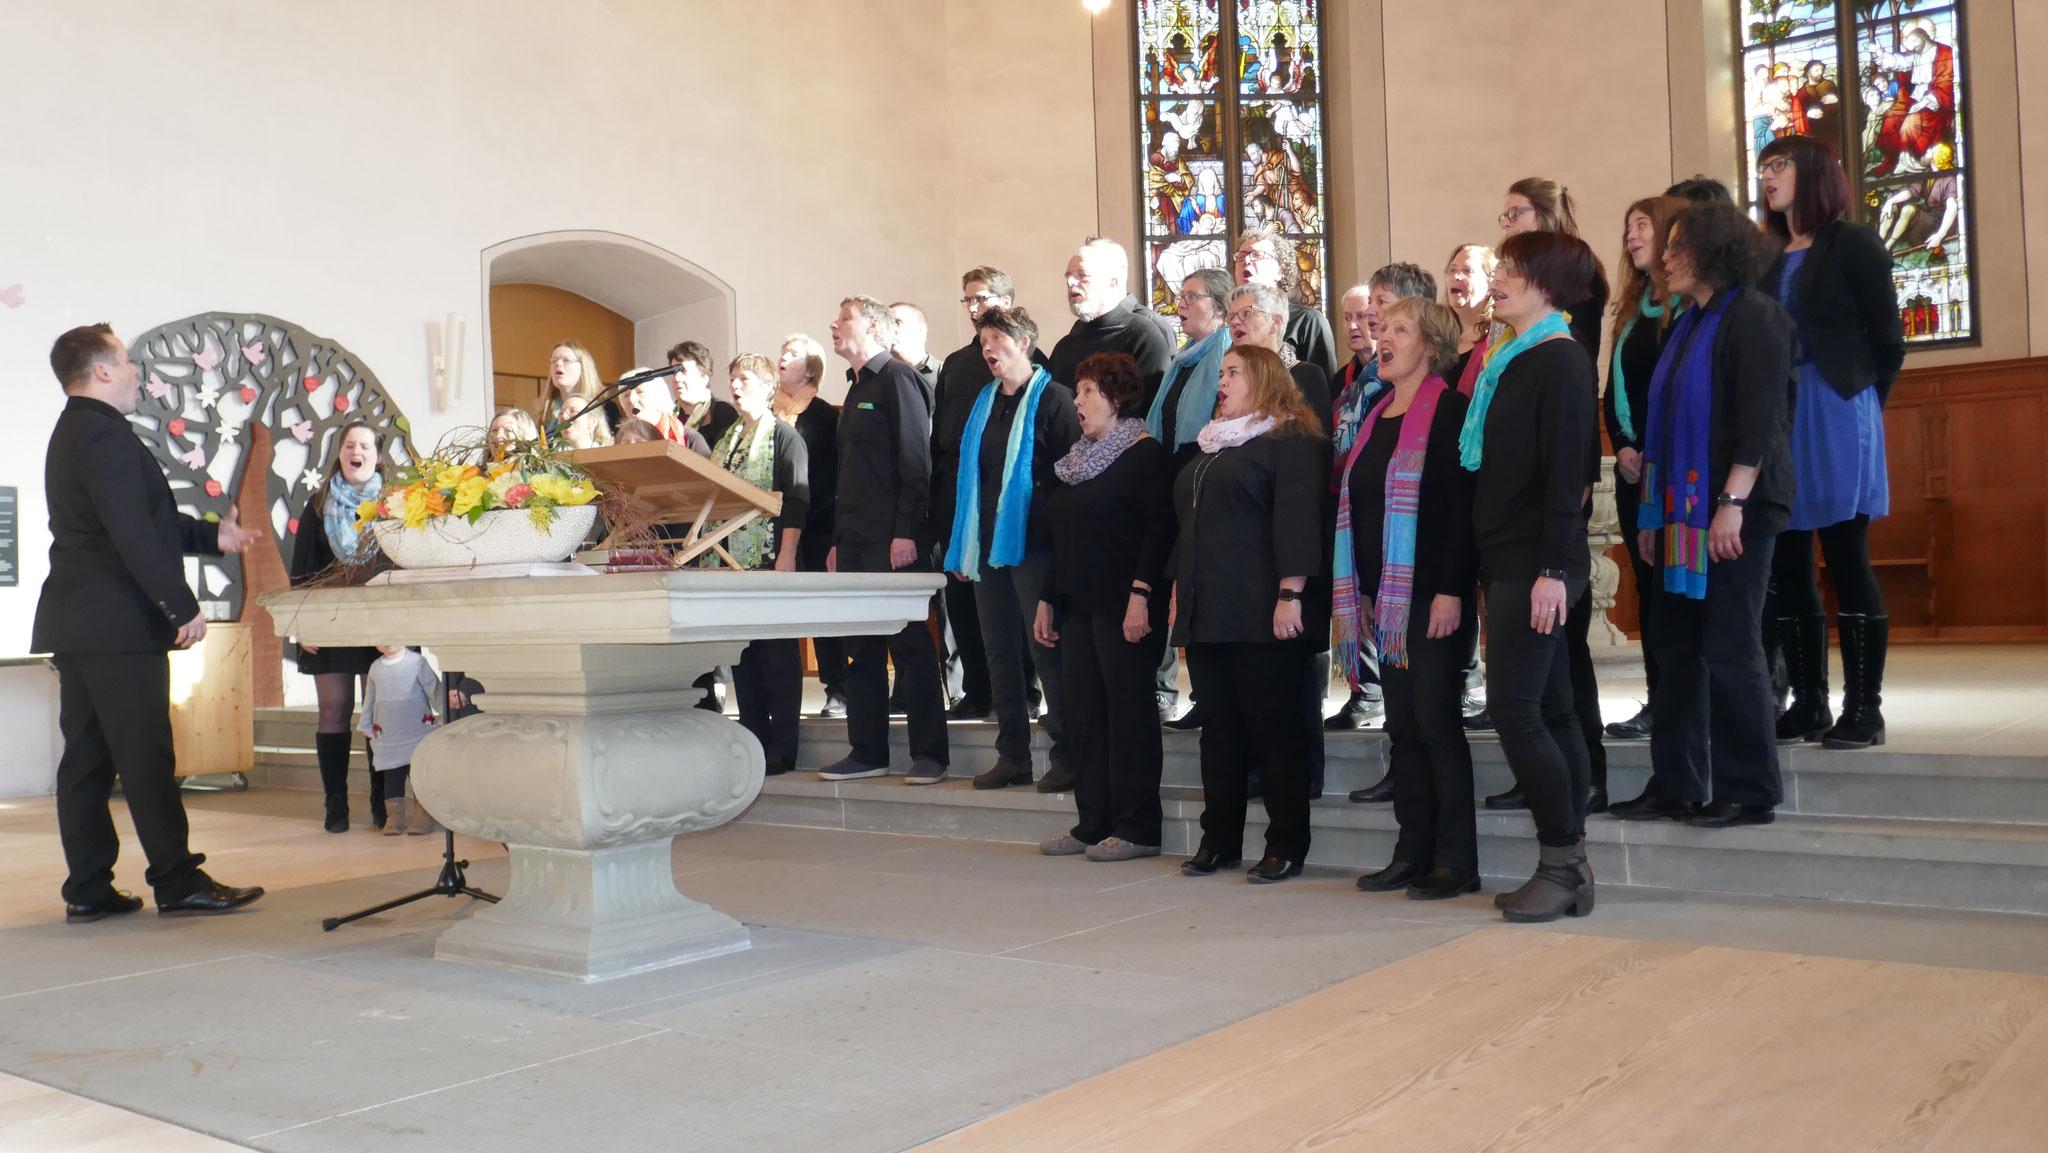 Auftritt am Regio-Gottesdienst vom 17. Februar 2019, Ref. Kirche Langnau i.E.